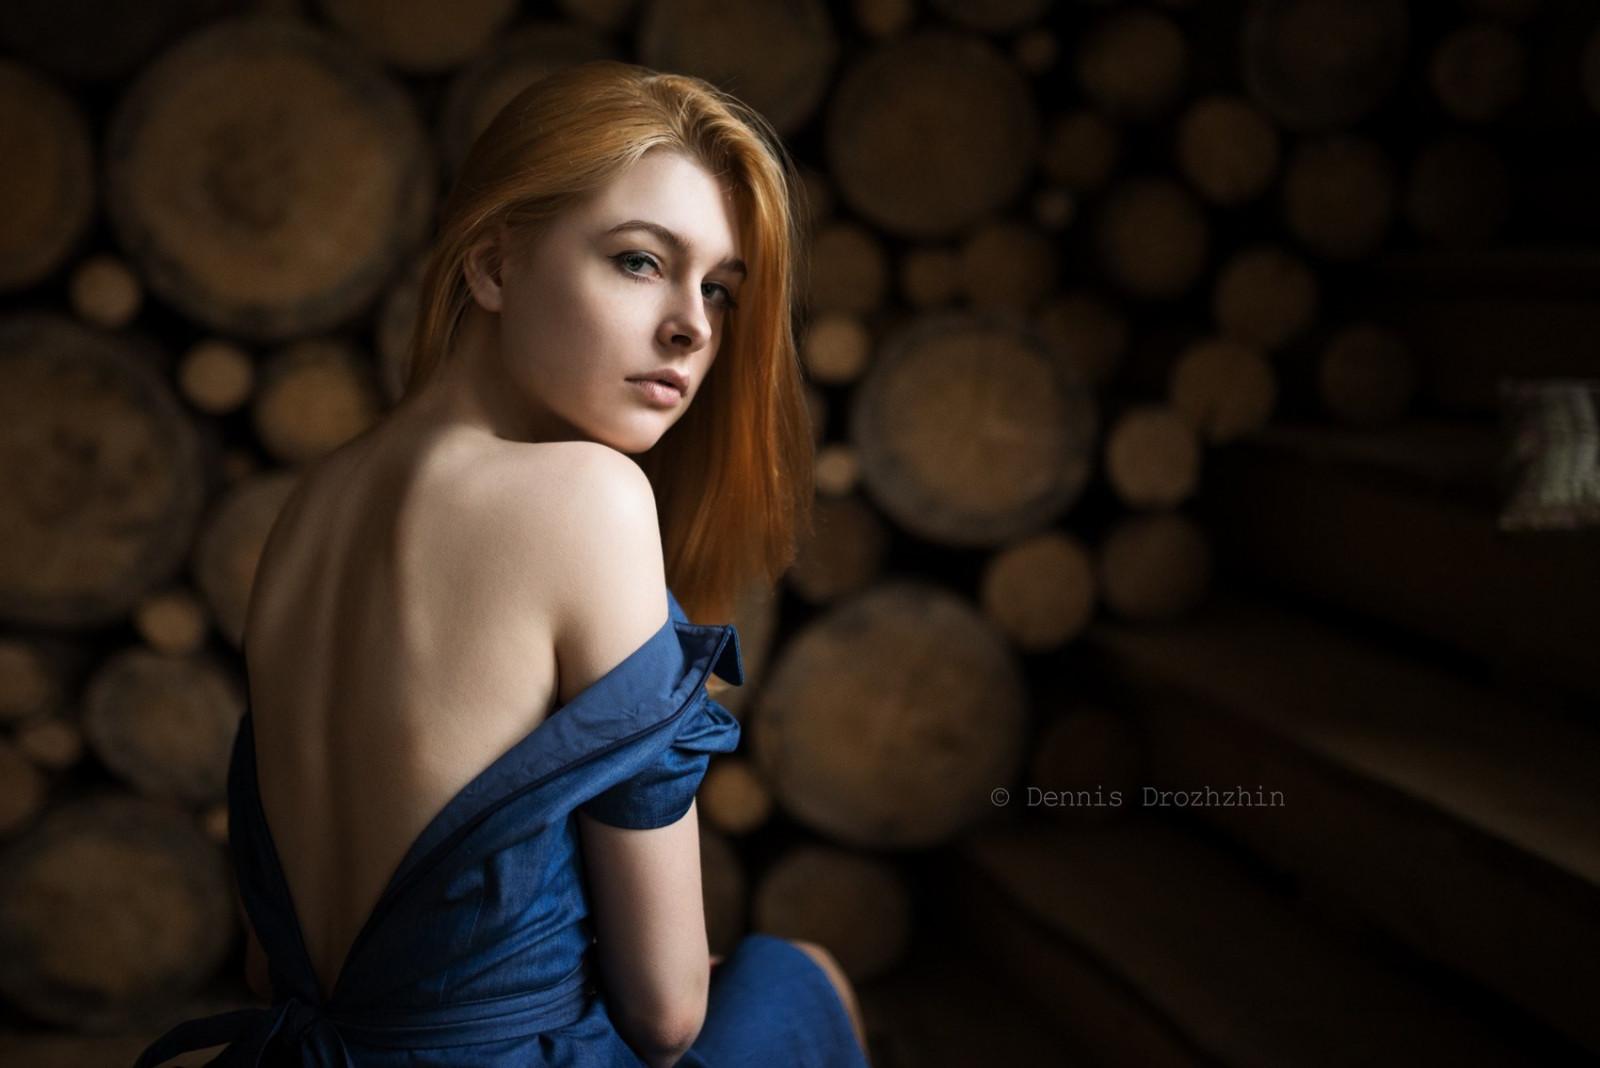 κορίτσι Γυμνά φωτογραφία